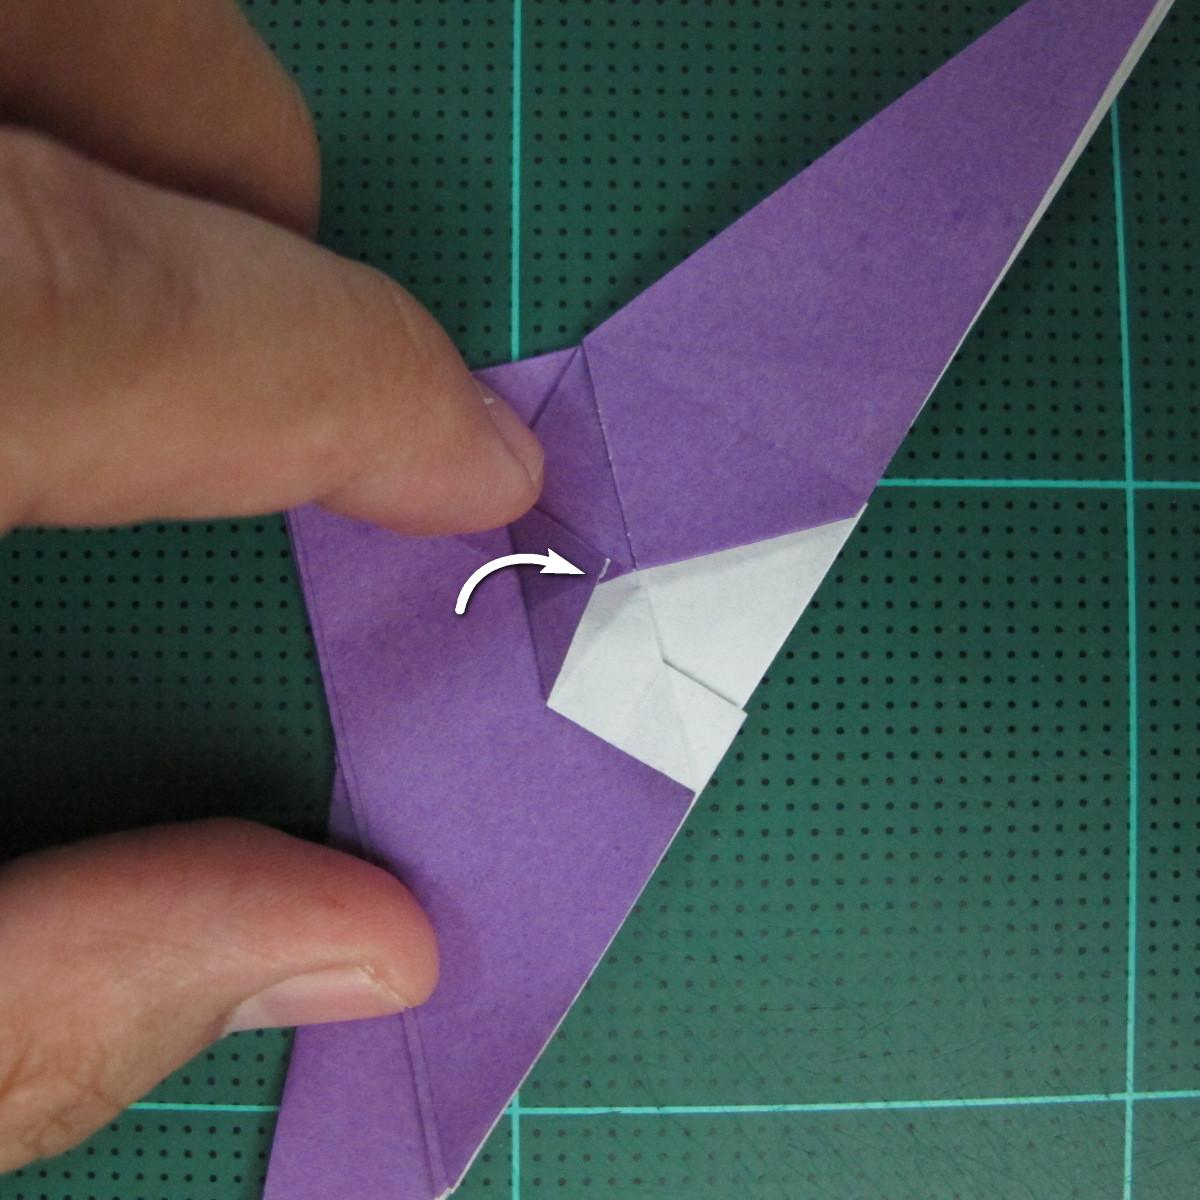 วิธีพับกระดาษเป็นรูปนกอินทรี (Origami Eagle) 009